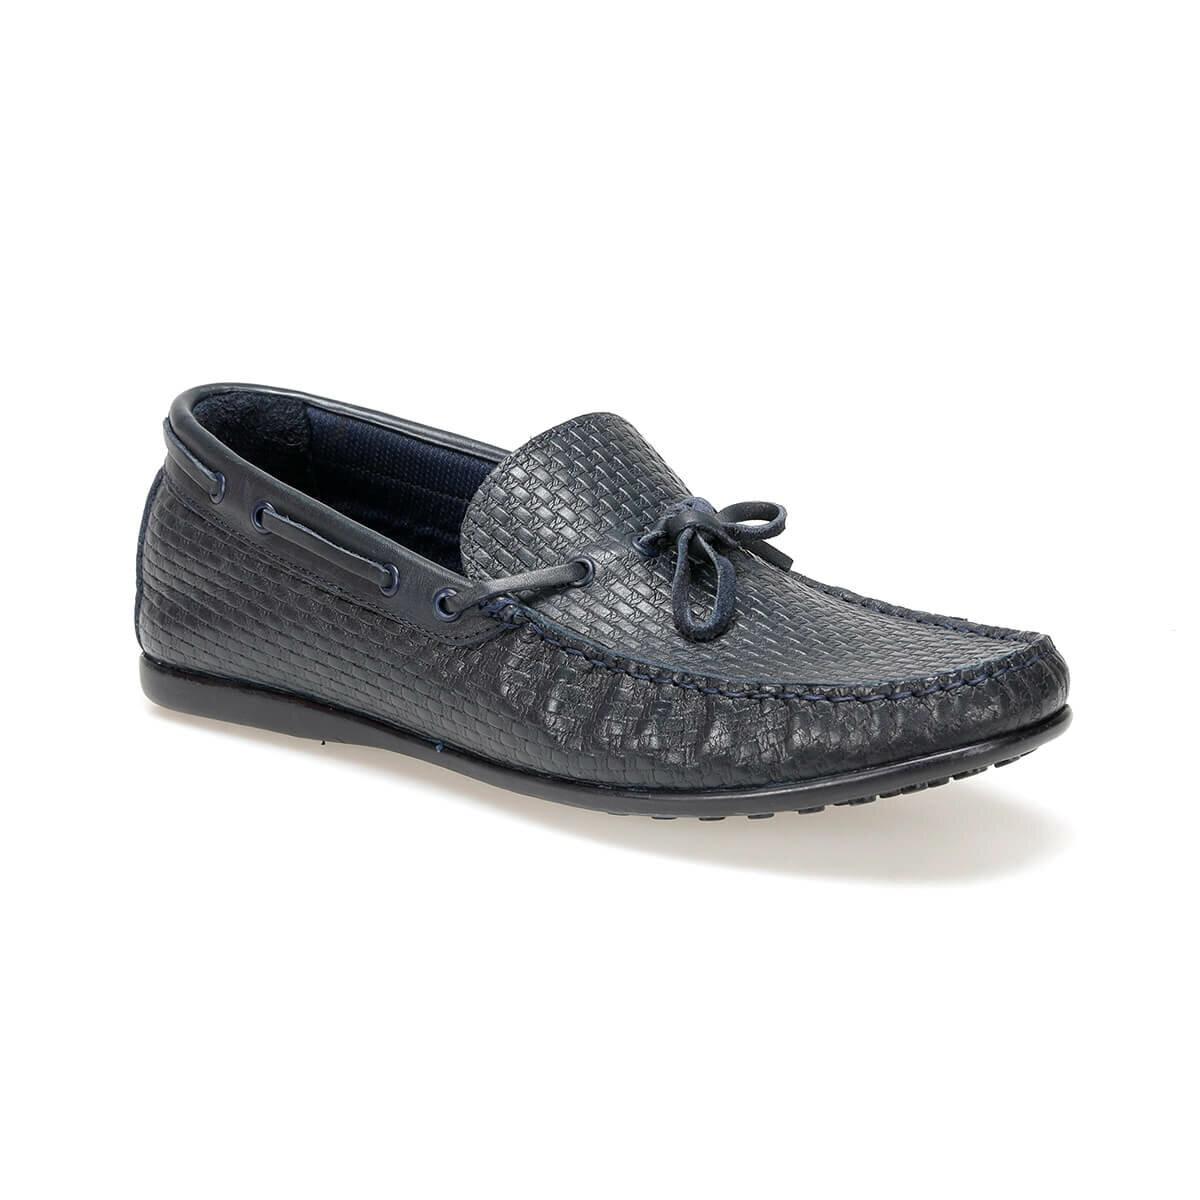 FLO 6082 Navy Blue Men 'S Shoes Oxide